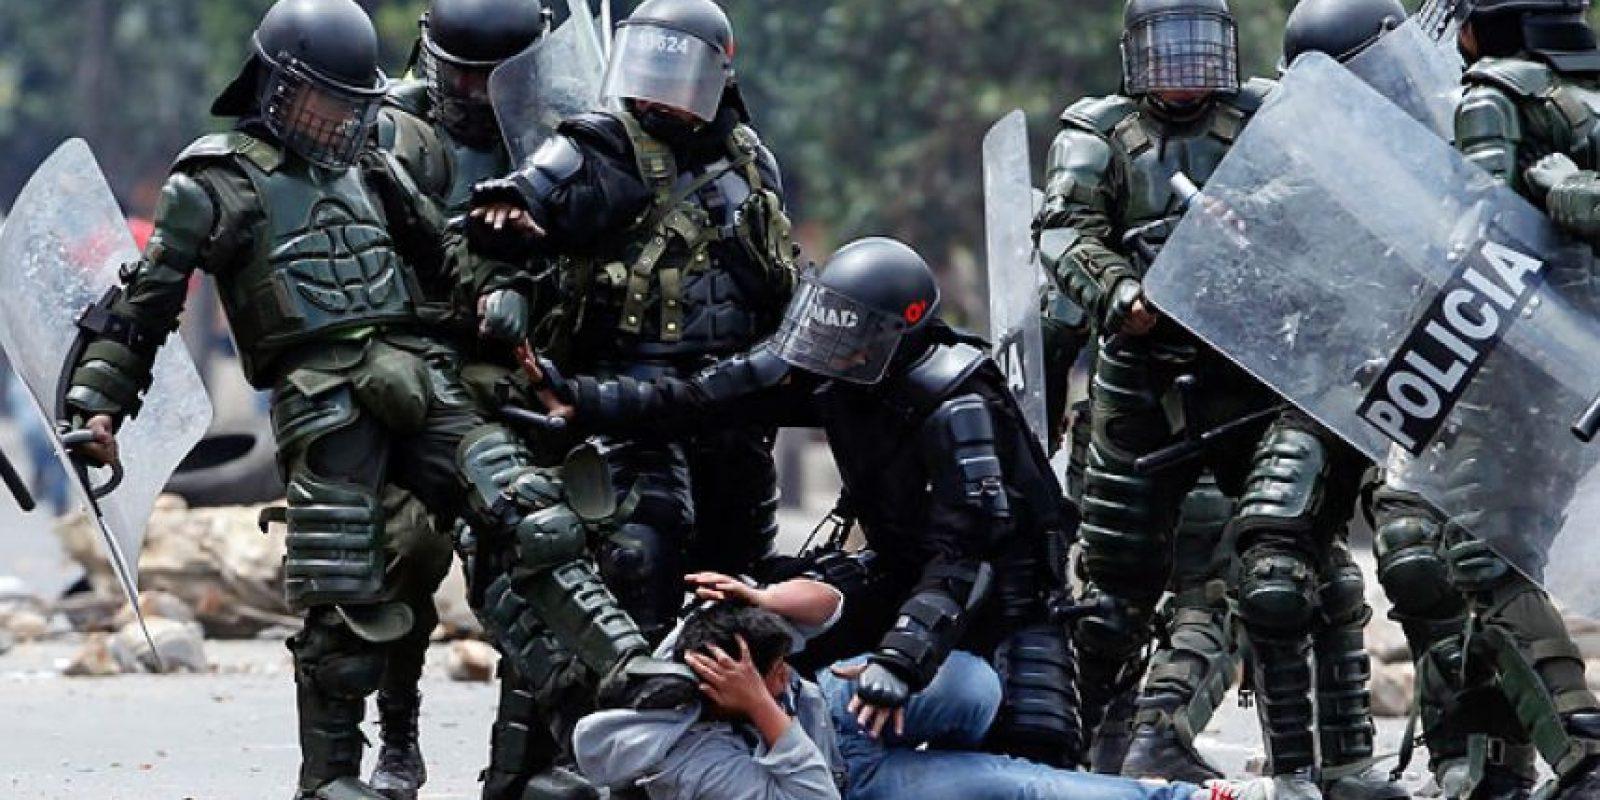 Una cuadrilla del Esmad pateando a un manifestante durante las marchas del paro campesino.